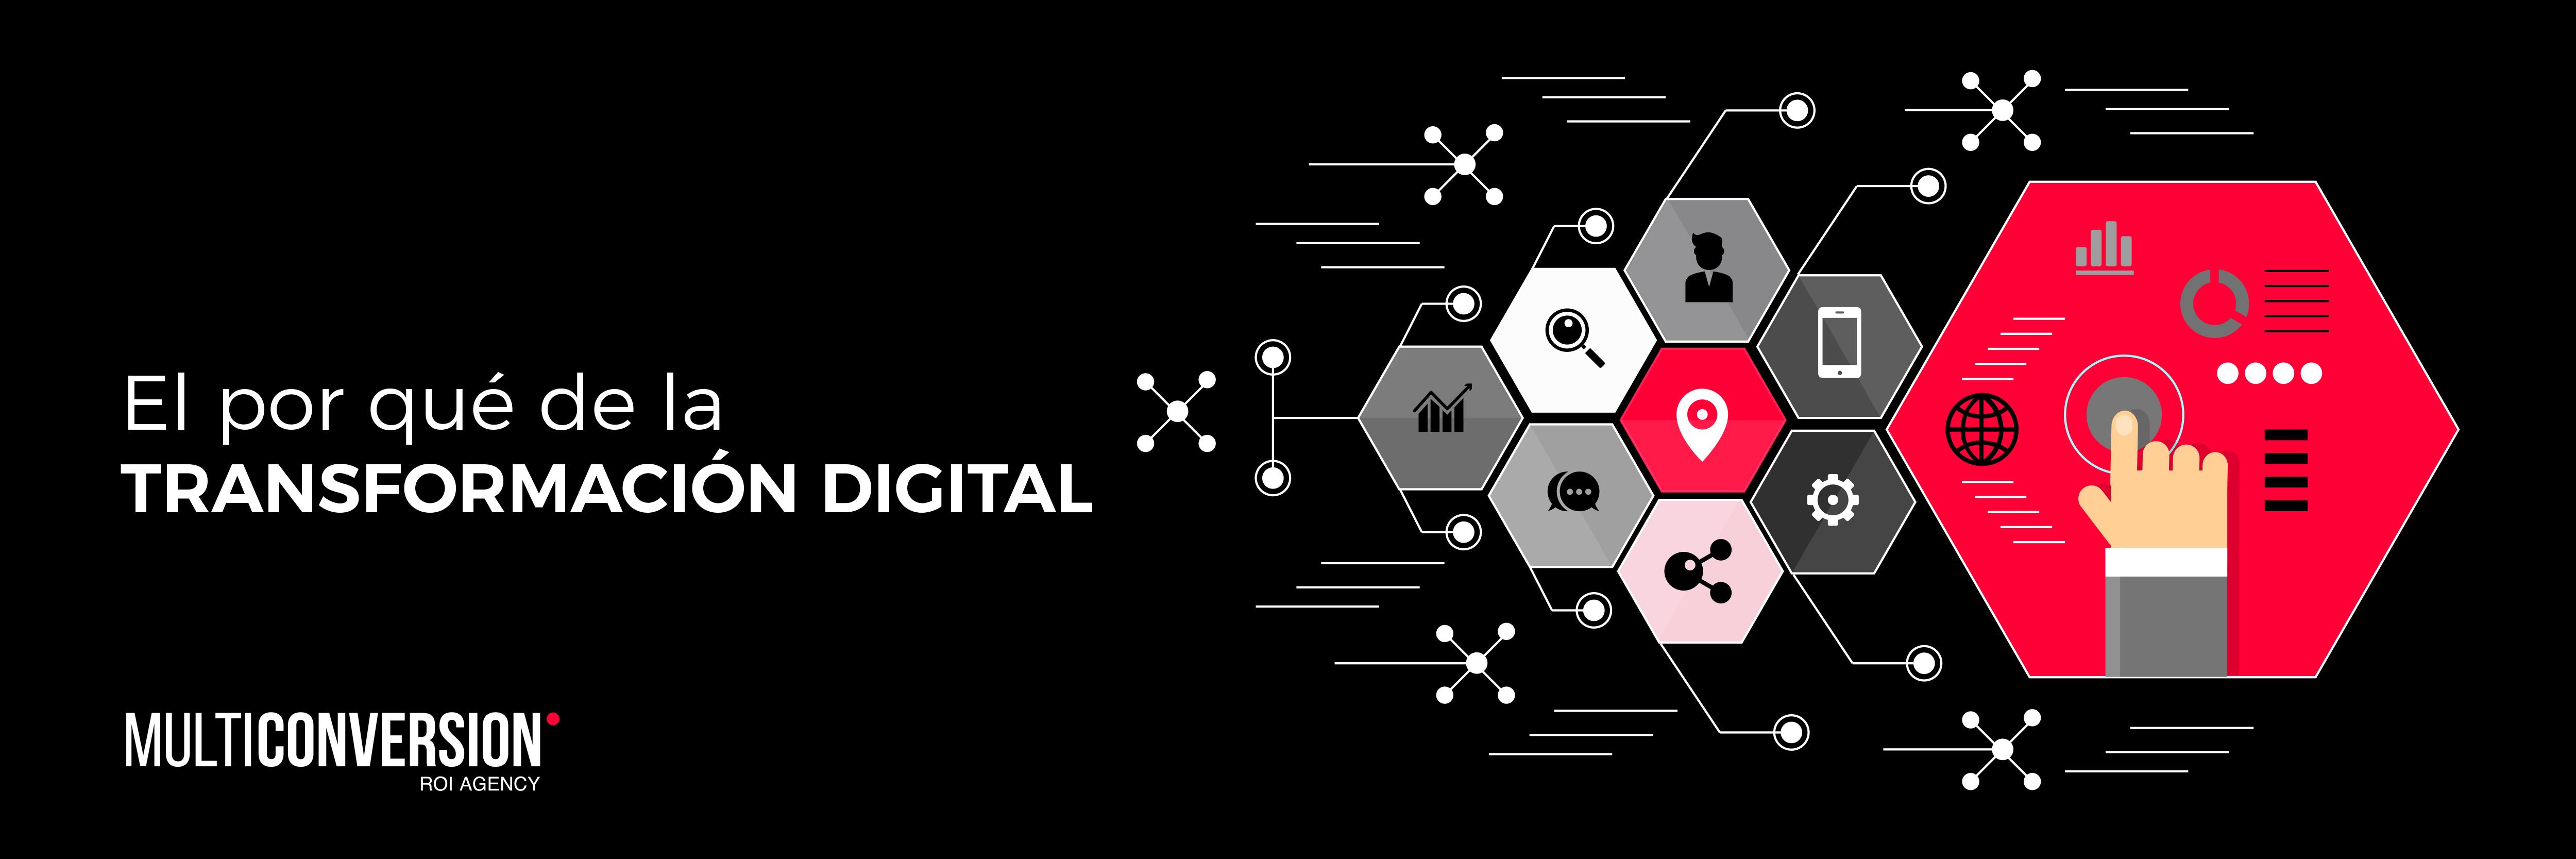 El por qué de la transformación digital